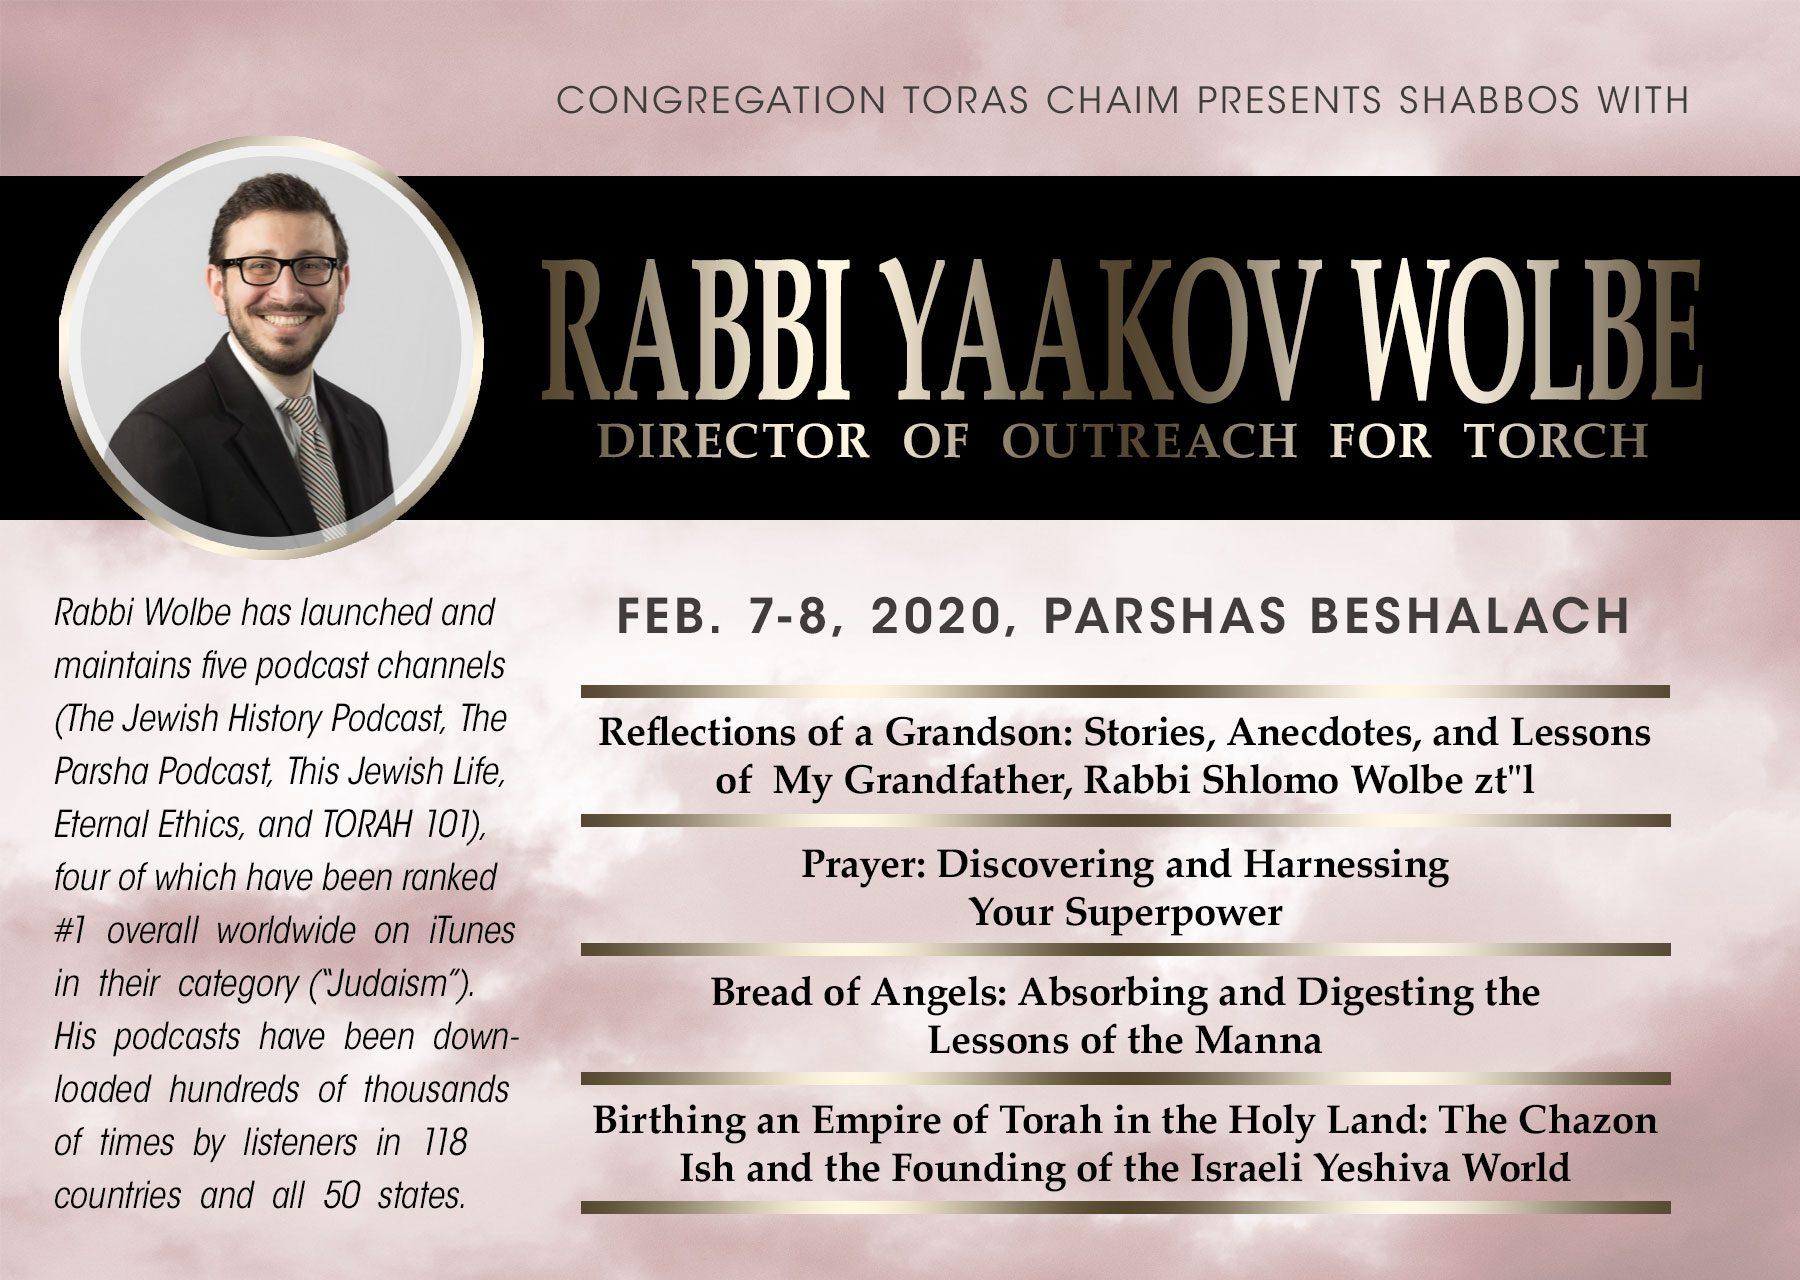 A Shabbos with Rabbi Yaakov Wolbe